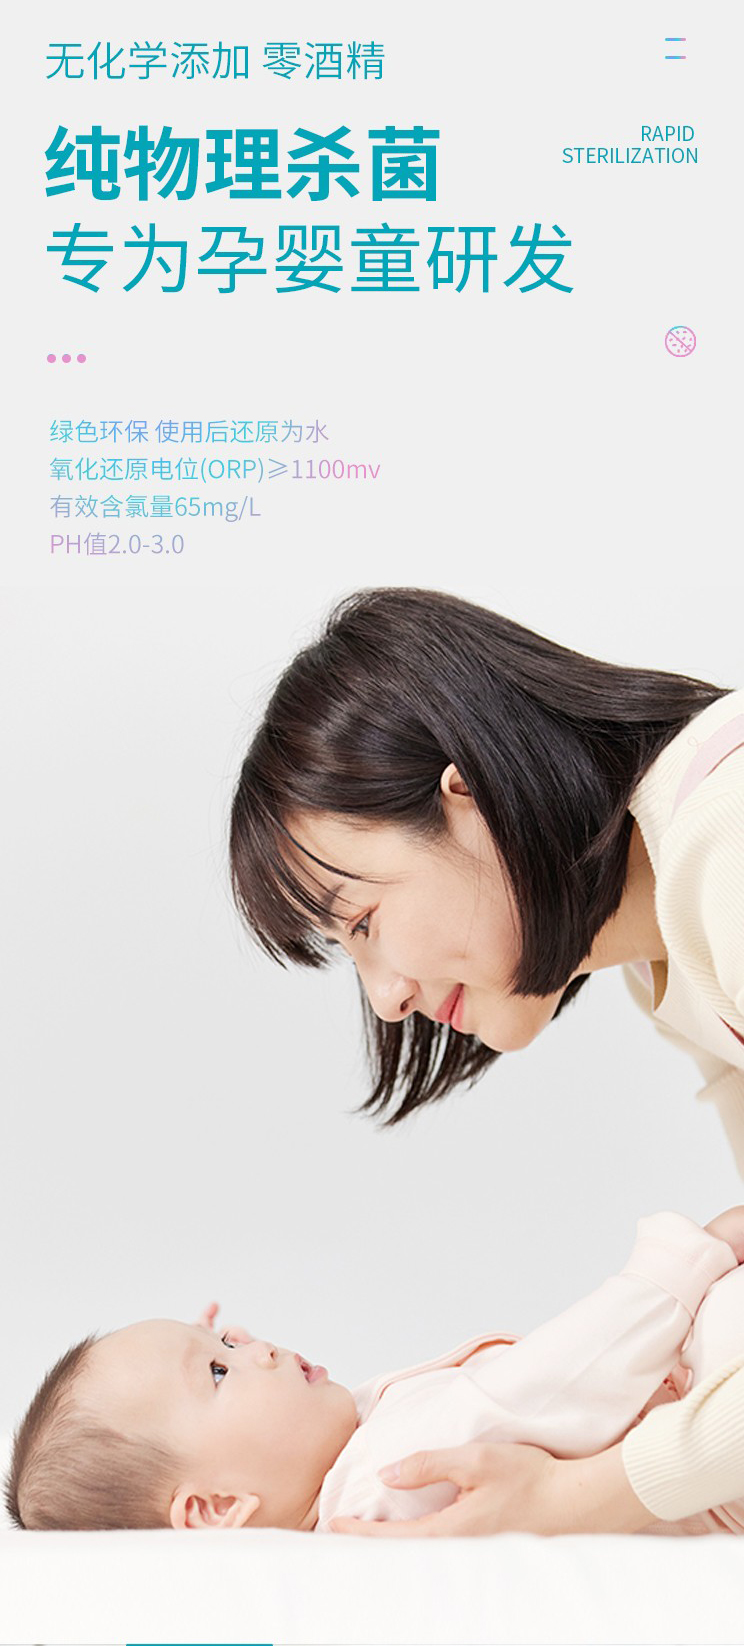 孕嬰童口(鼻)腔清洗消毒噴霧60ml詳情頁_08.jpg